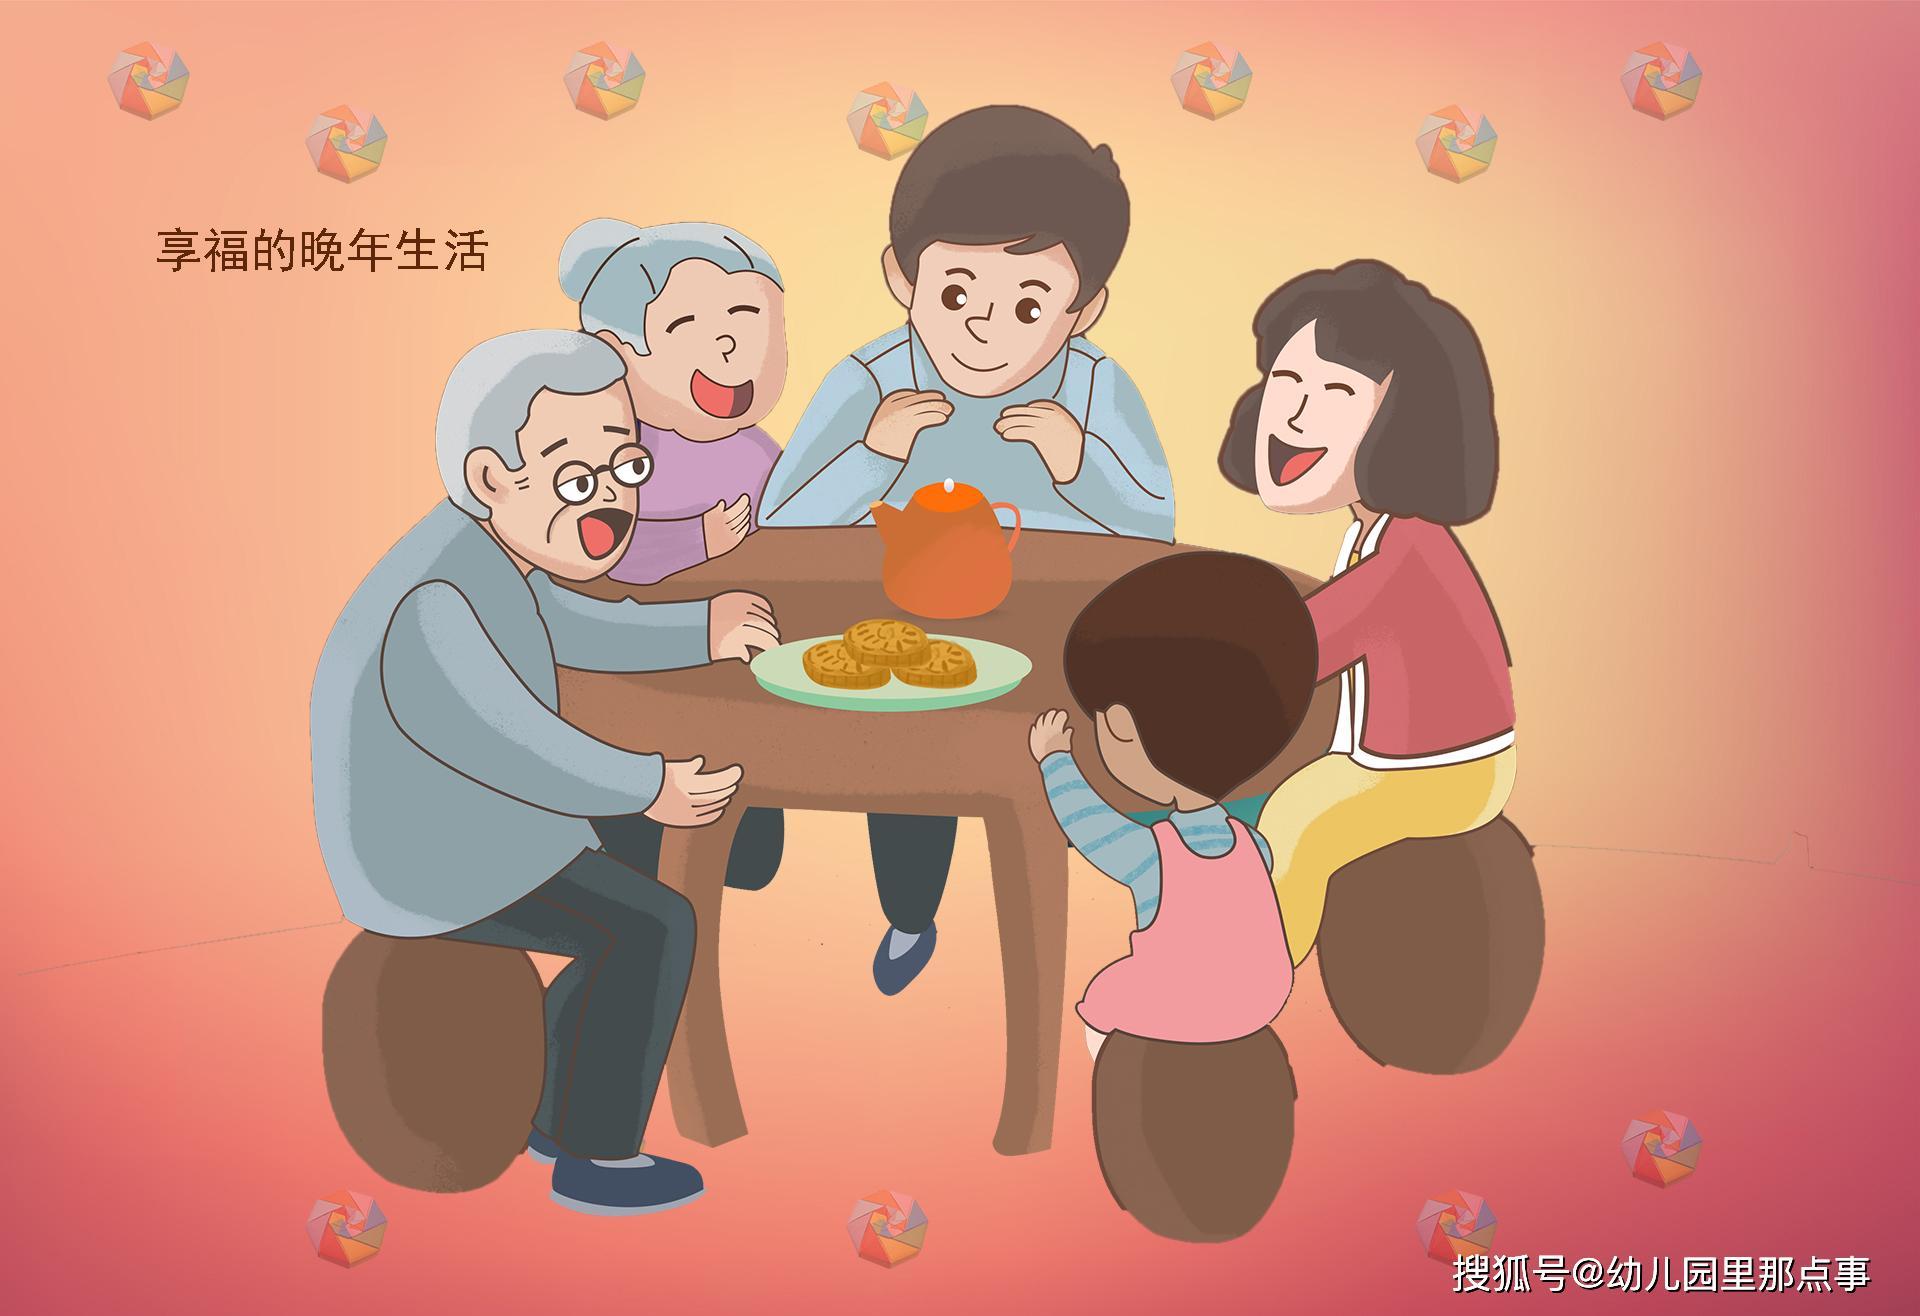 20年后,生一胎和生二胎的父母谁更幸福?答案跟大家想的不同